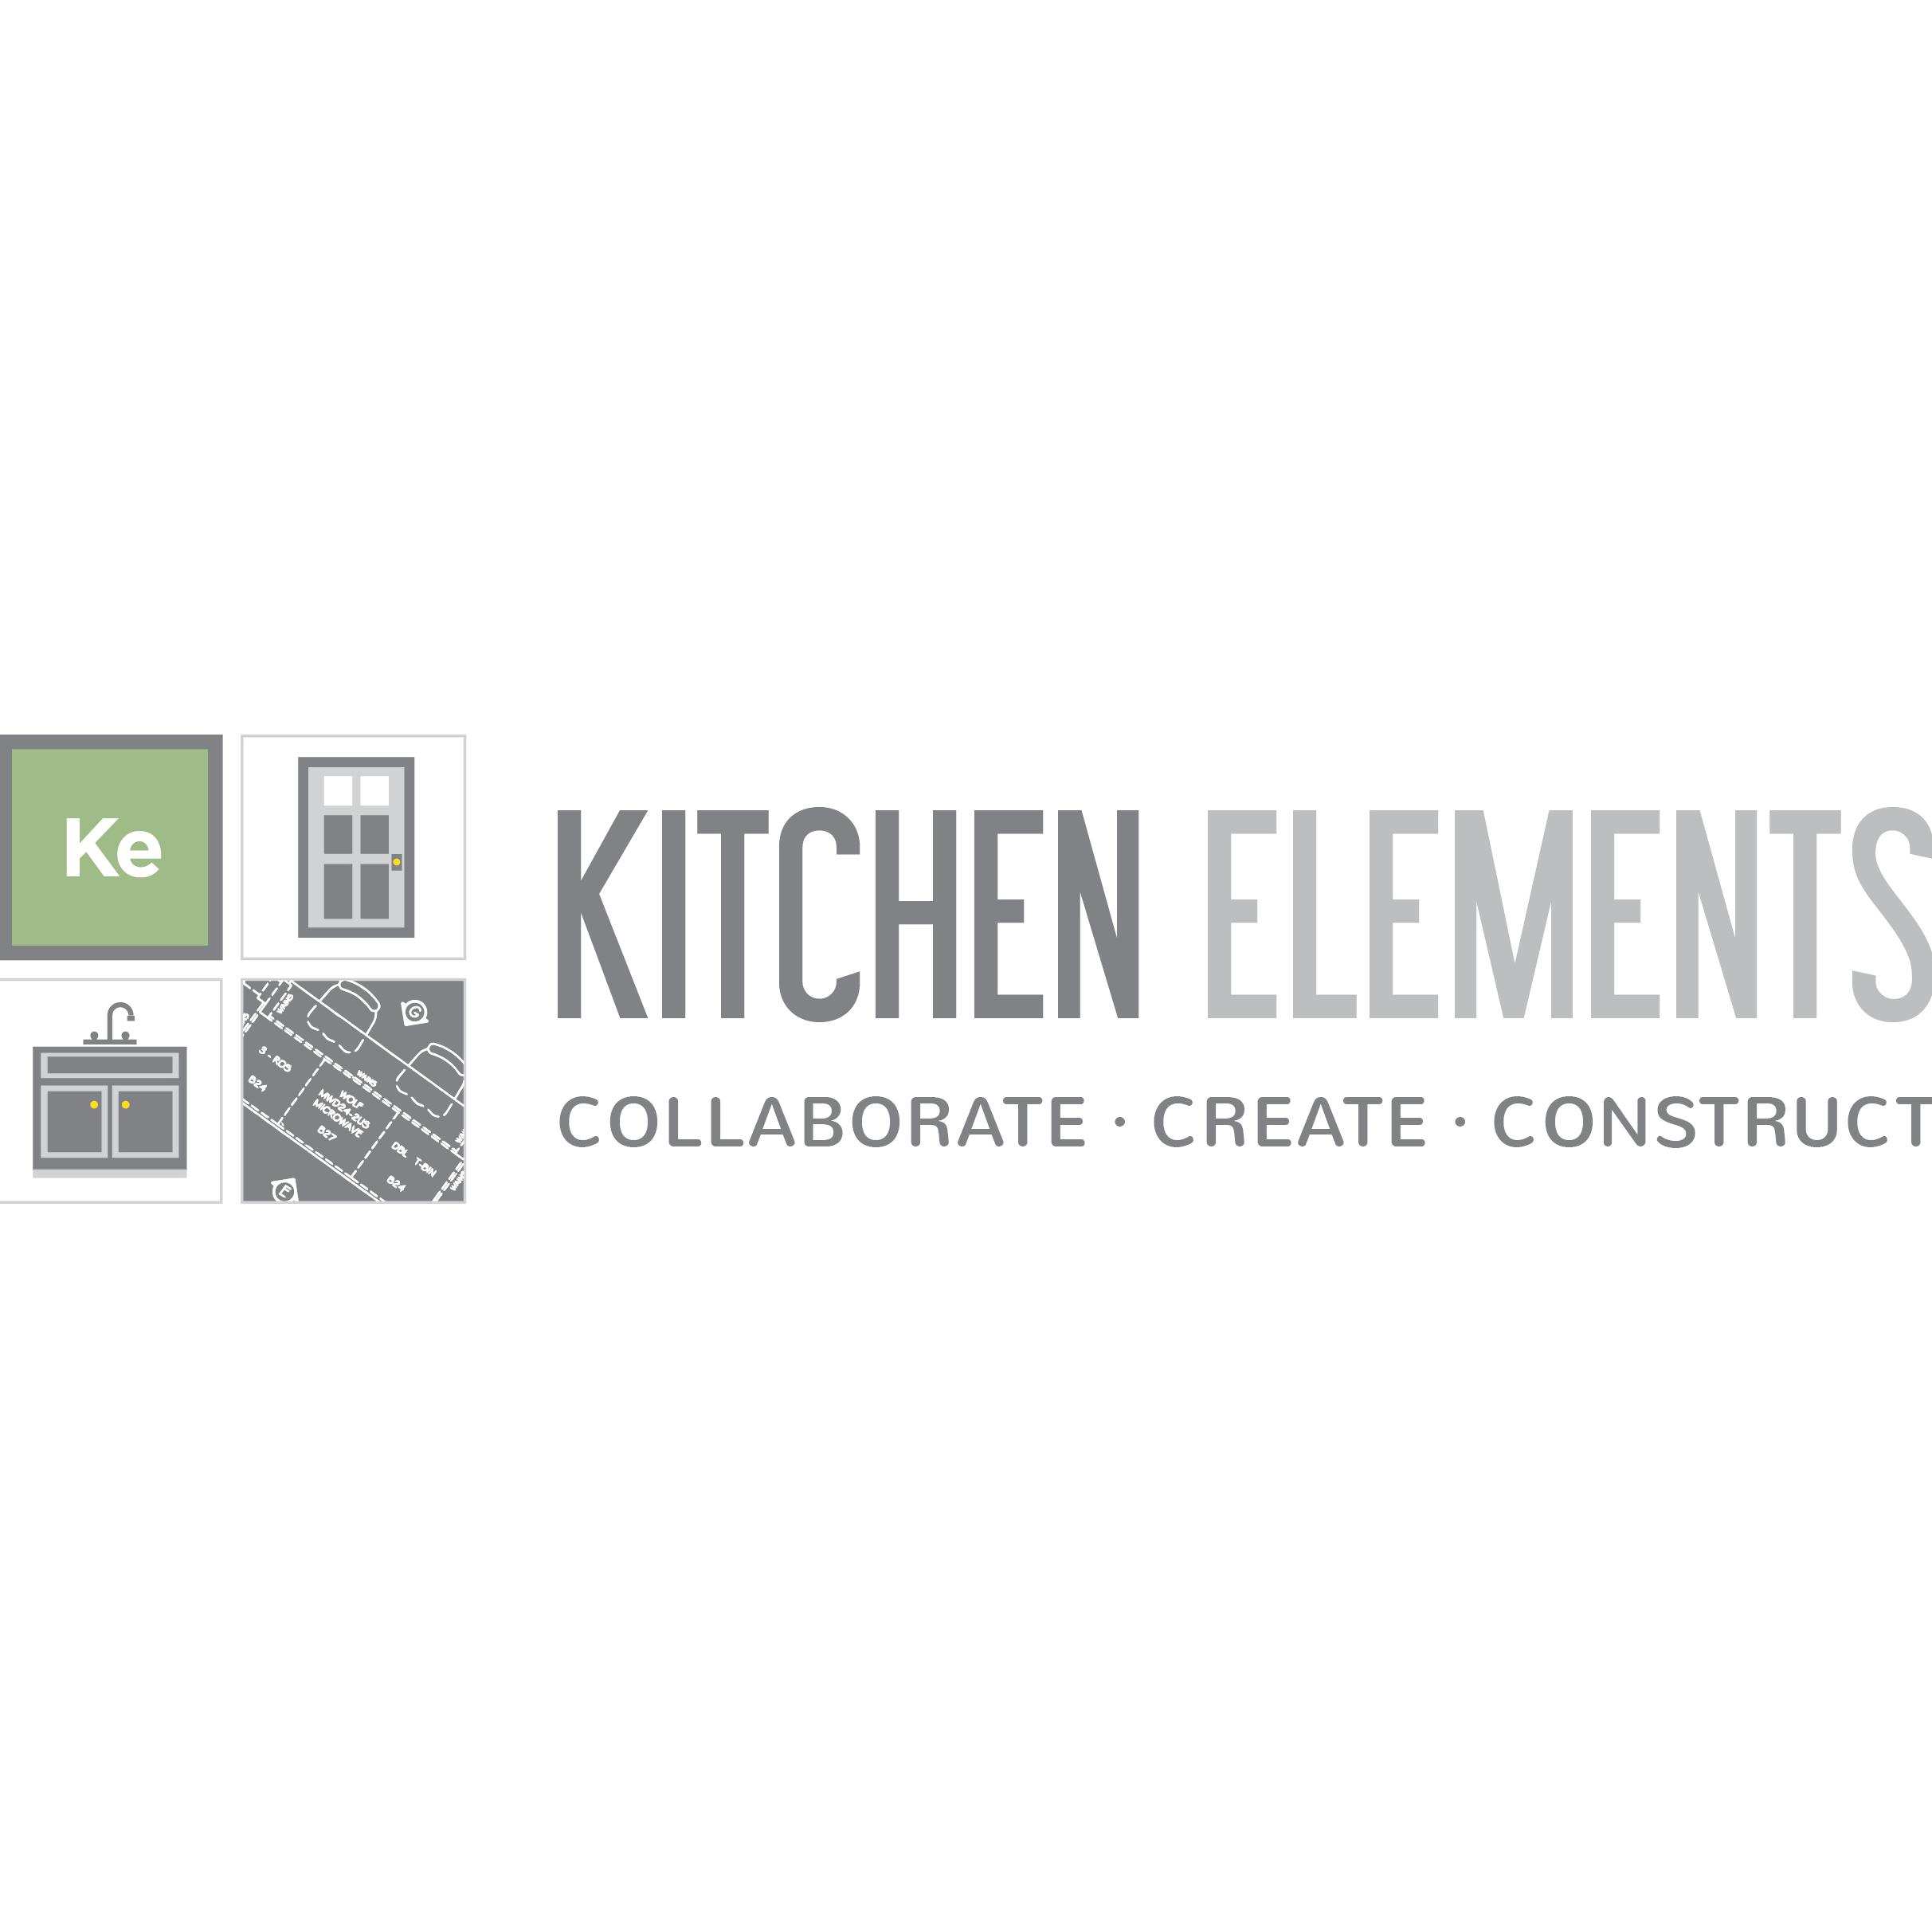 Kitchen Elements, LLC